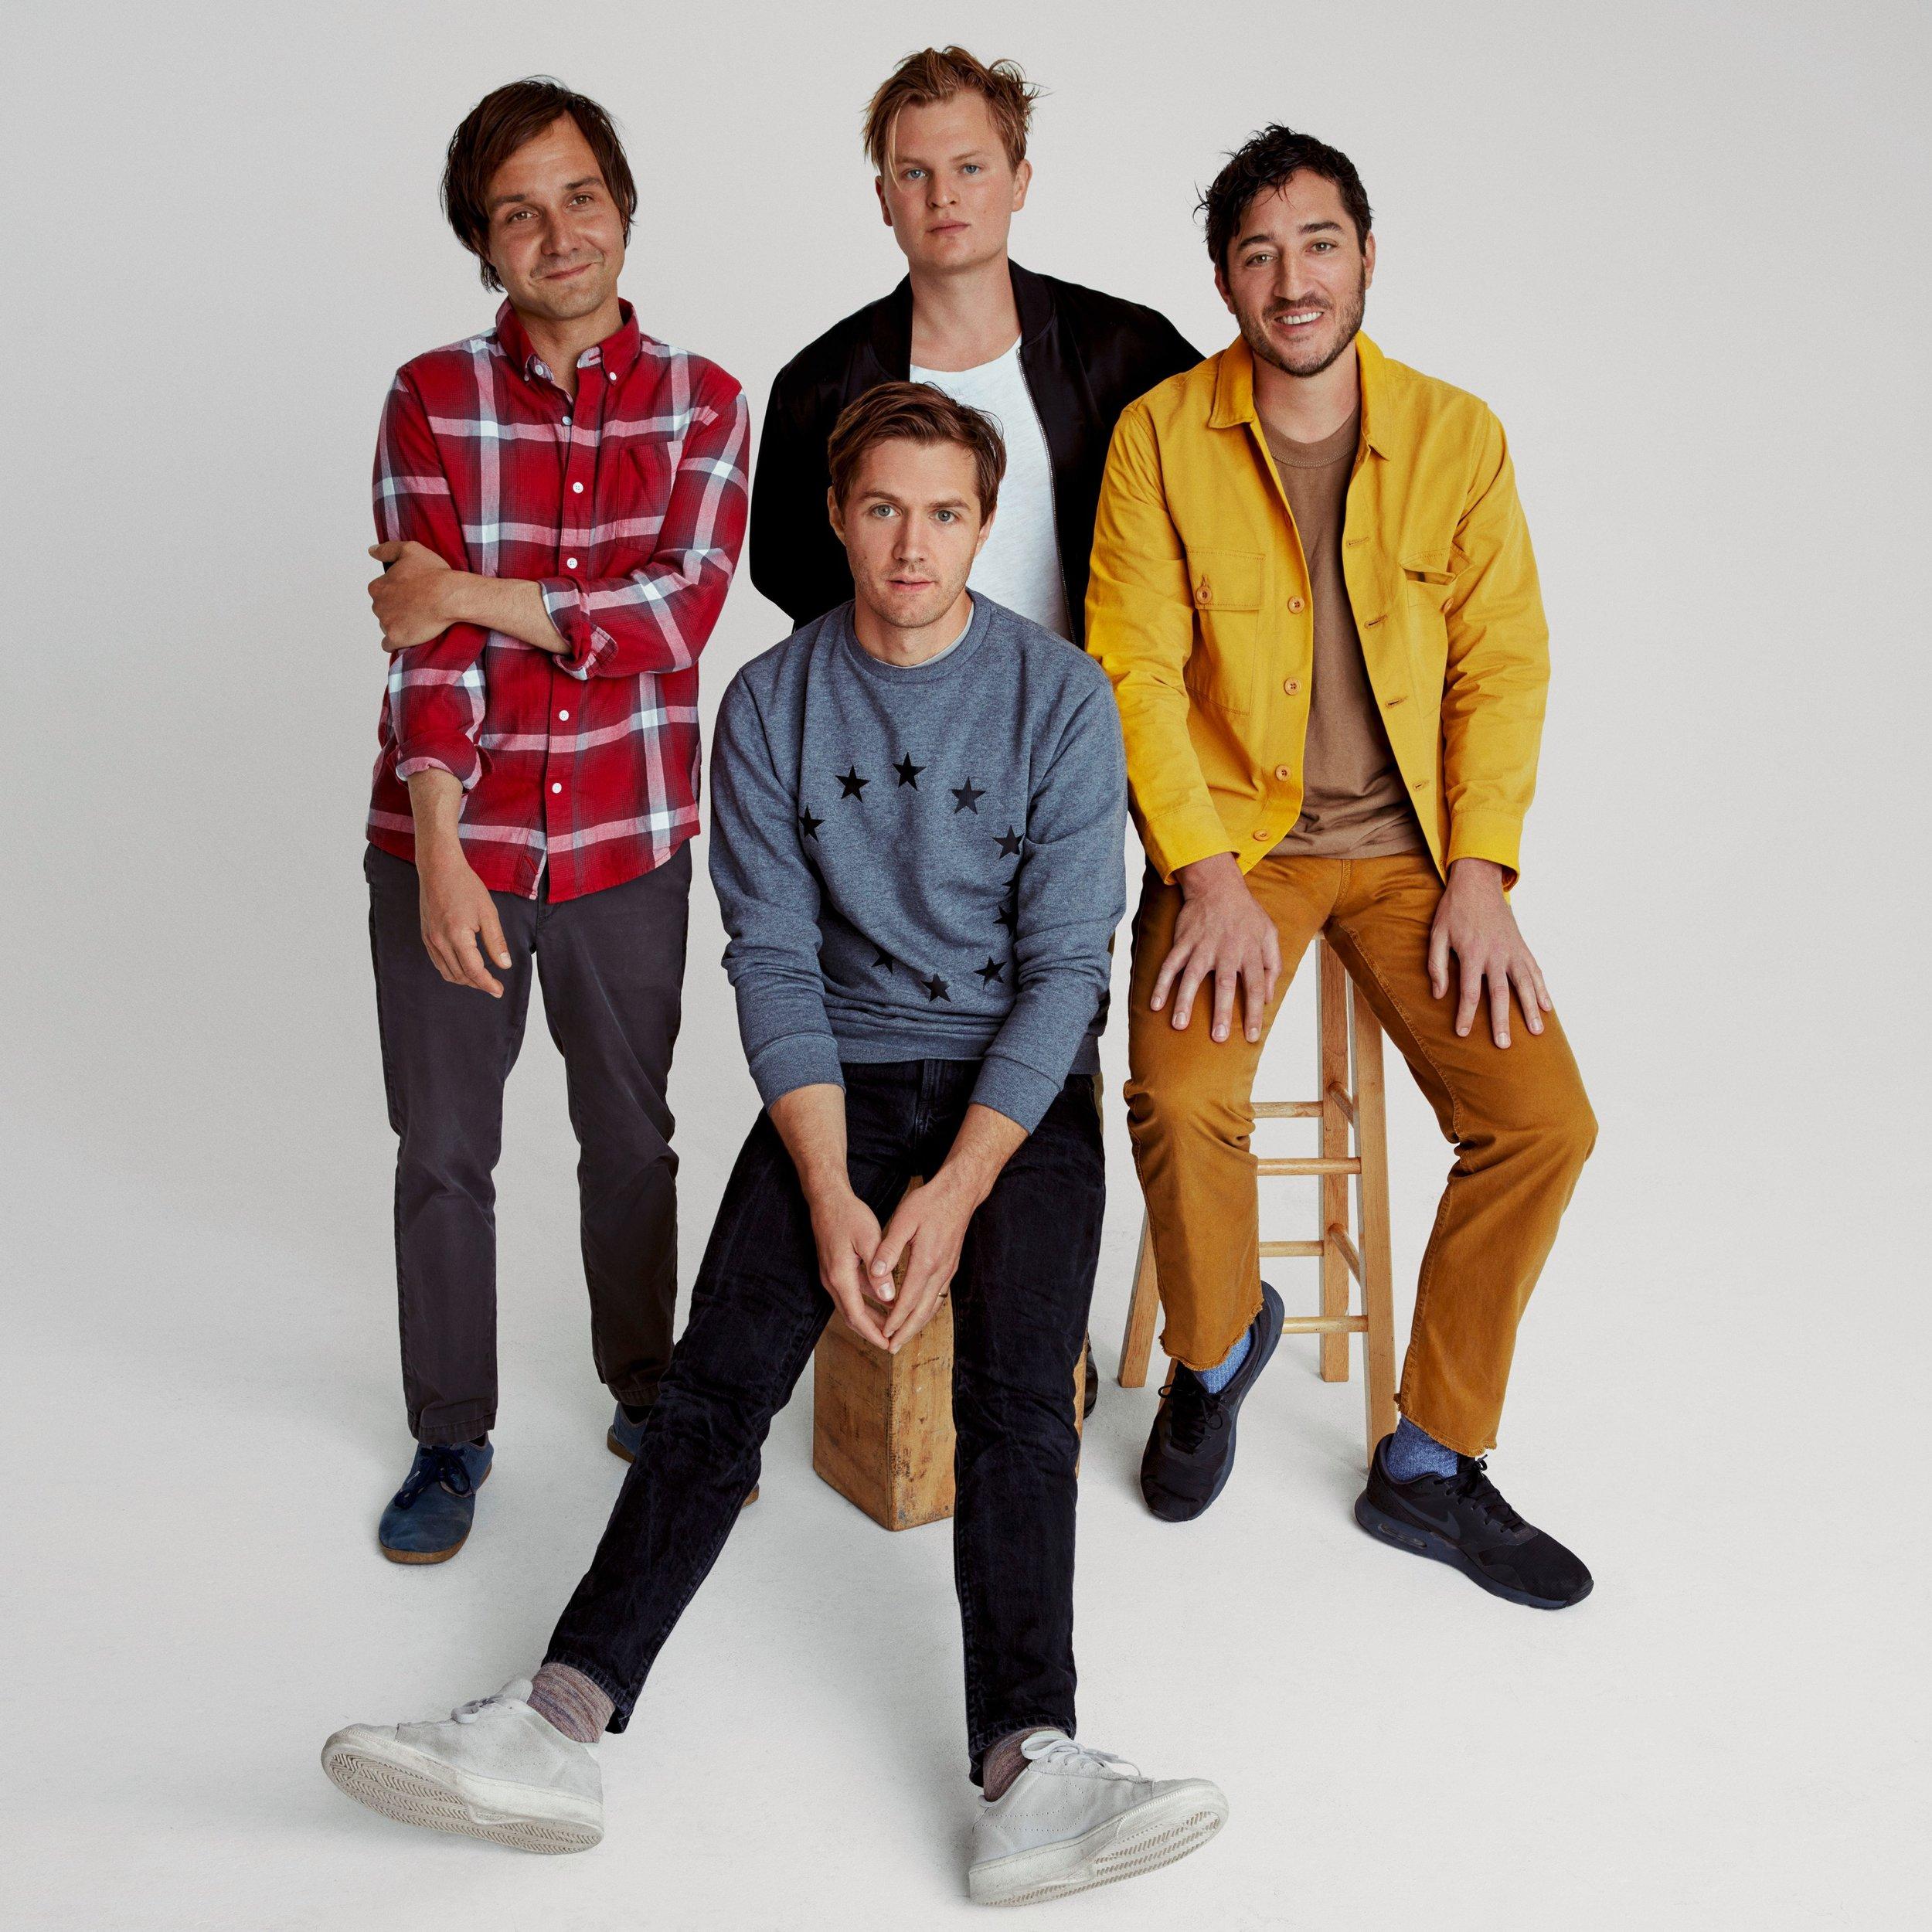 Le groupe Grizzly Bear (de gauche à droite) : Daniel Rossen, Chris Bear, Chris Taylor et Edward Droste.